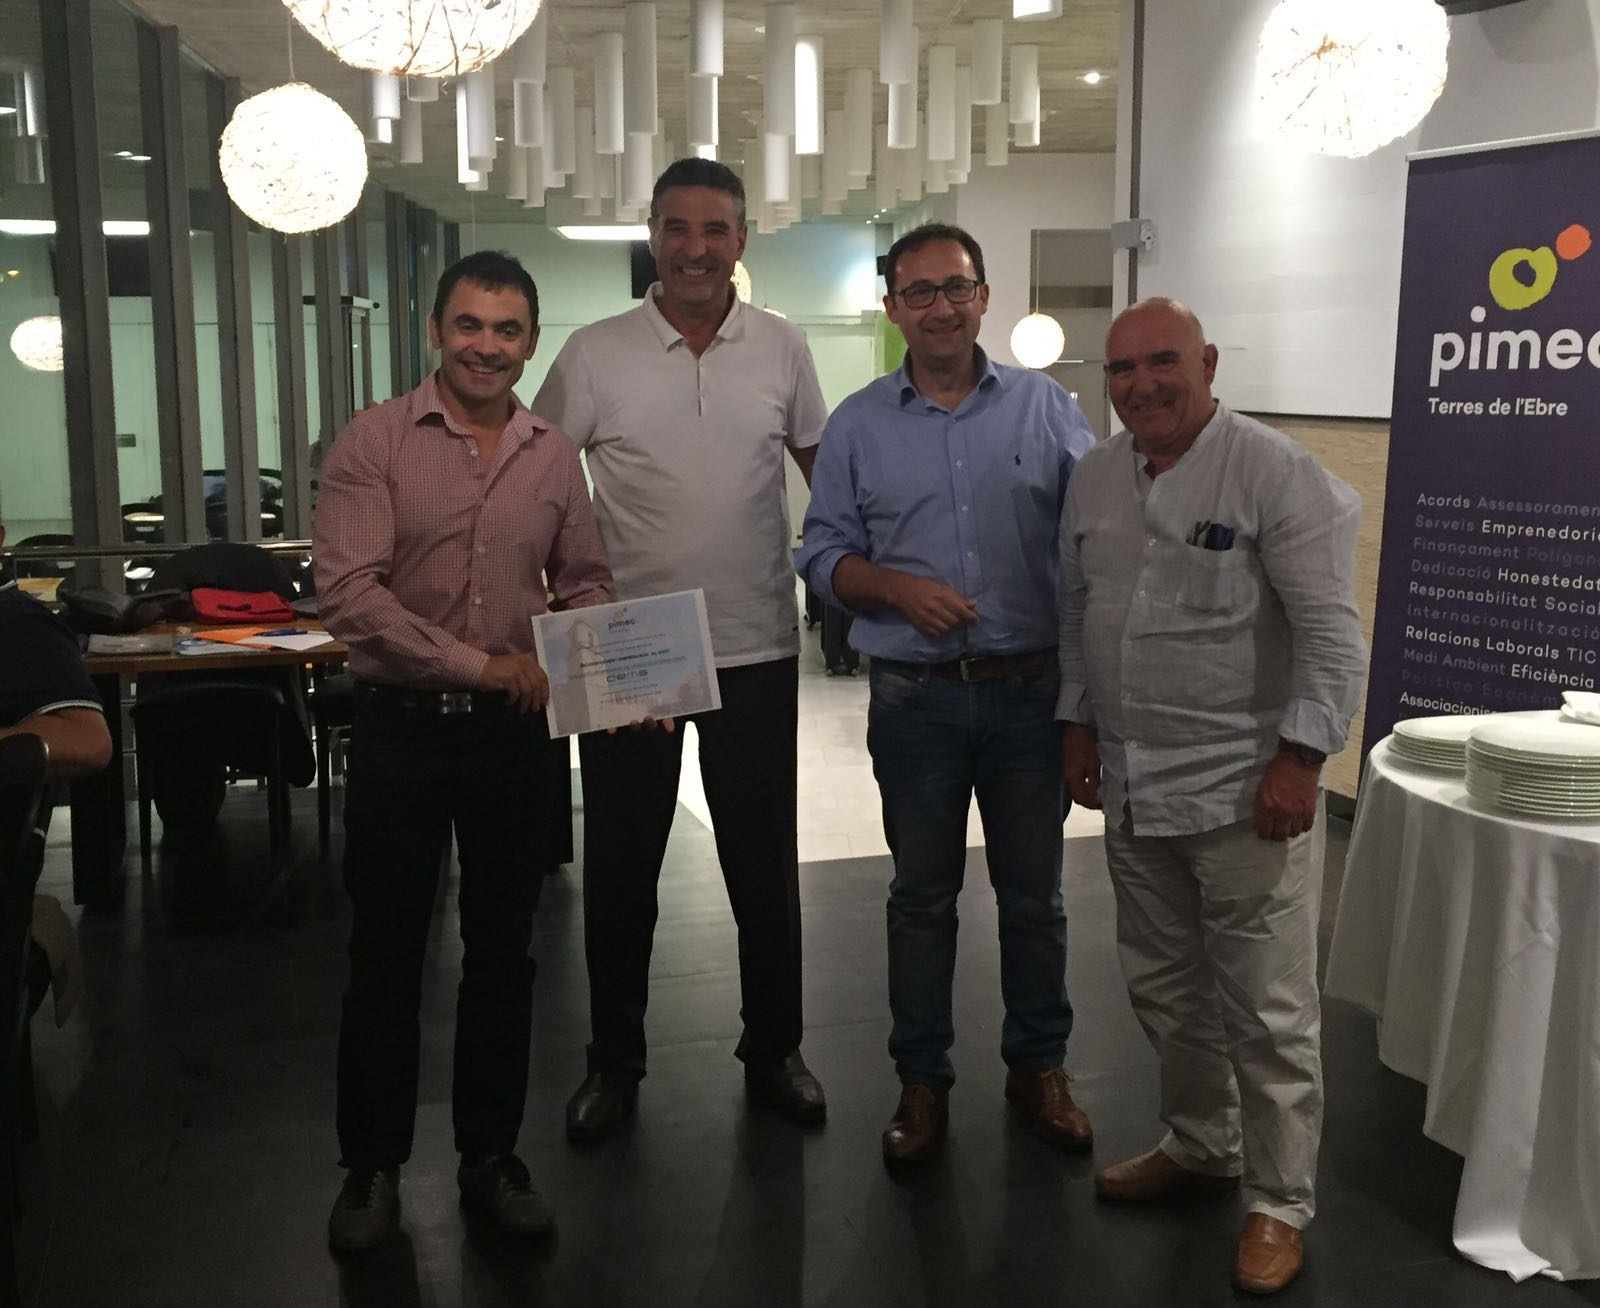 El president de PIMEC Terres de l'Ebre, Sr. Santi Roselló, atorga al Sr. Jordi Royo, president del CEMS el diploma de soci honorari